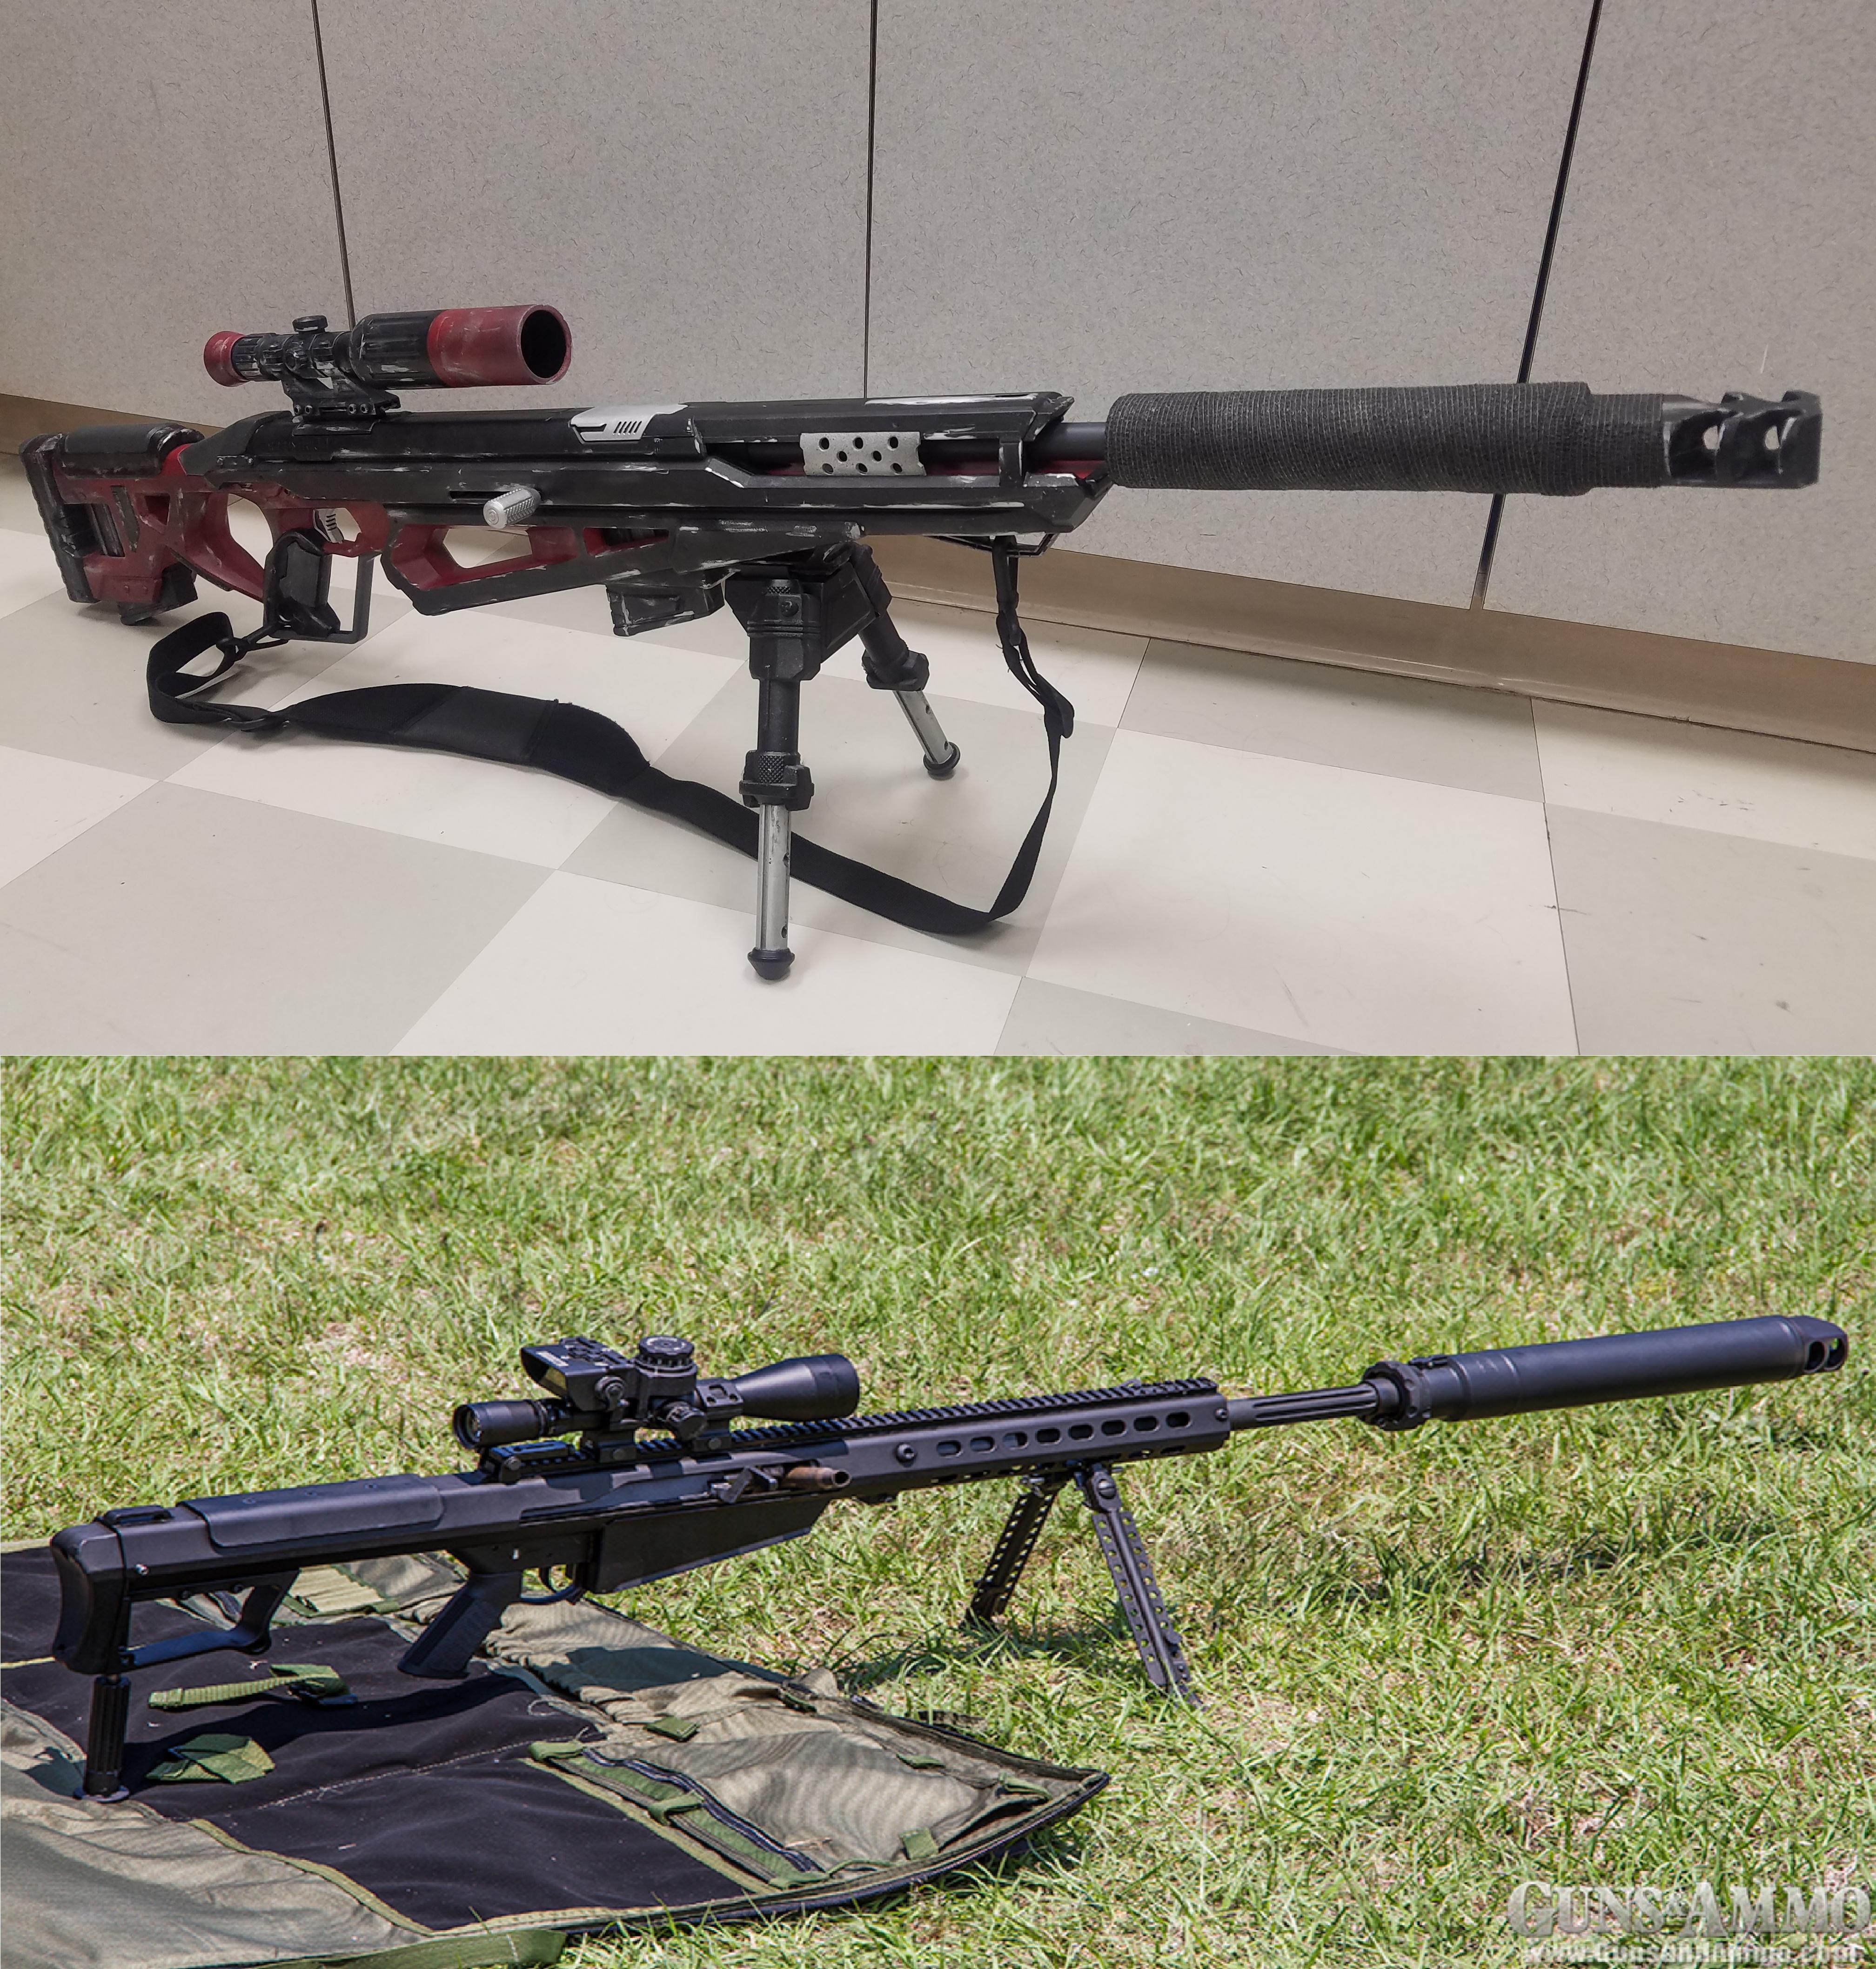 Nerf Raptorstrike vs Suppressed Barrett M107A1 by gchildjr